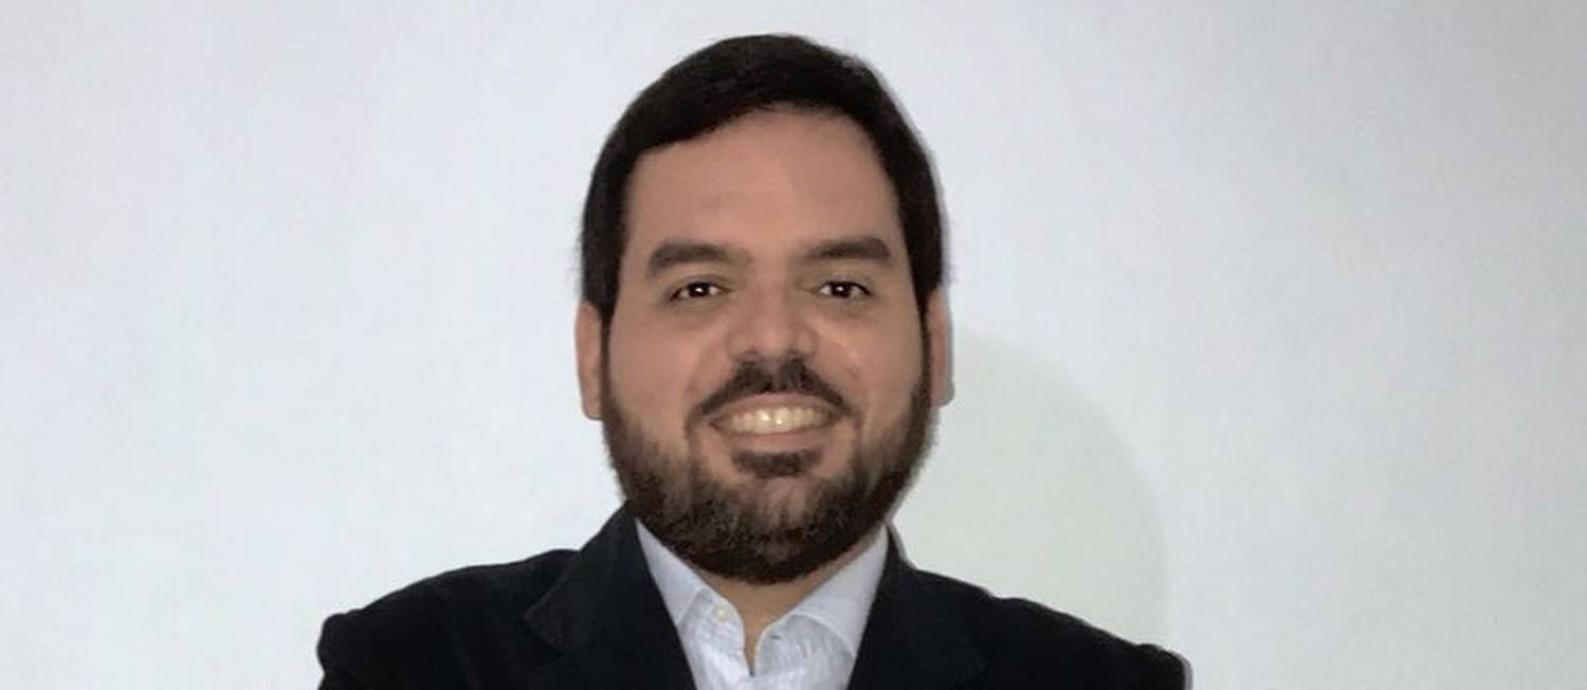 Frederico Maia Mascarenhas é o novo secretário de Audiovisual do MinC Foto: Divulgação